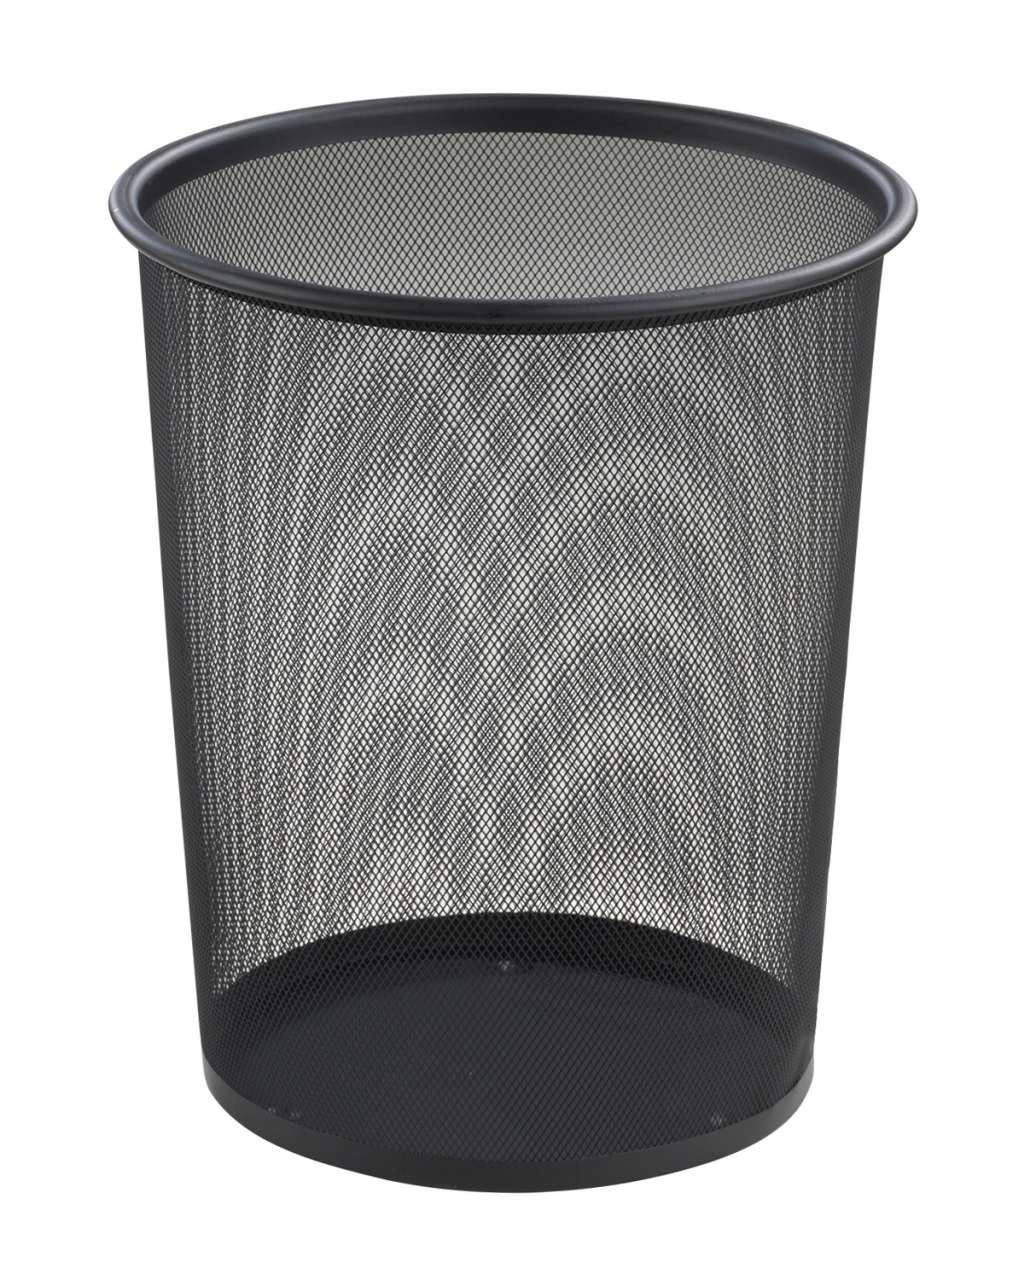 moebel-jack.de Papierkorb JACOB 1, Metallgeflecht schwarz, Höhe 35,5 cm